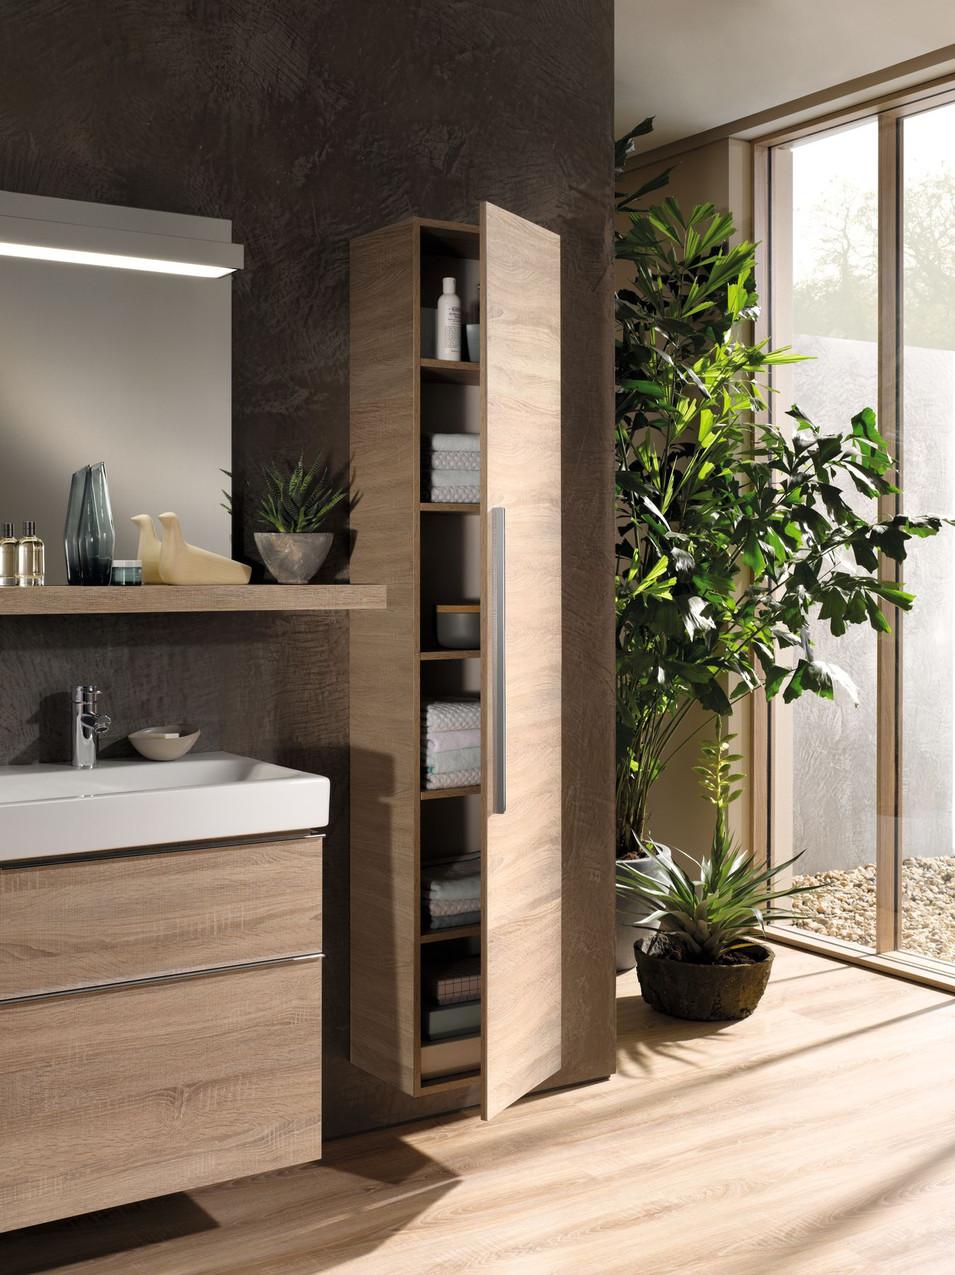 2016-bathroom-10-icon-tif_bigview.jpg